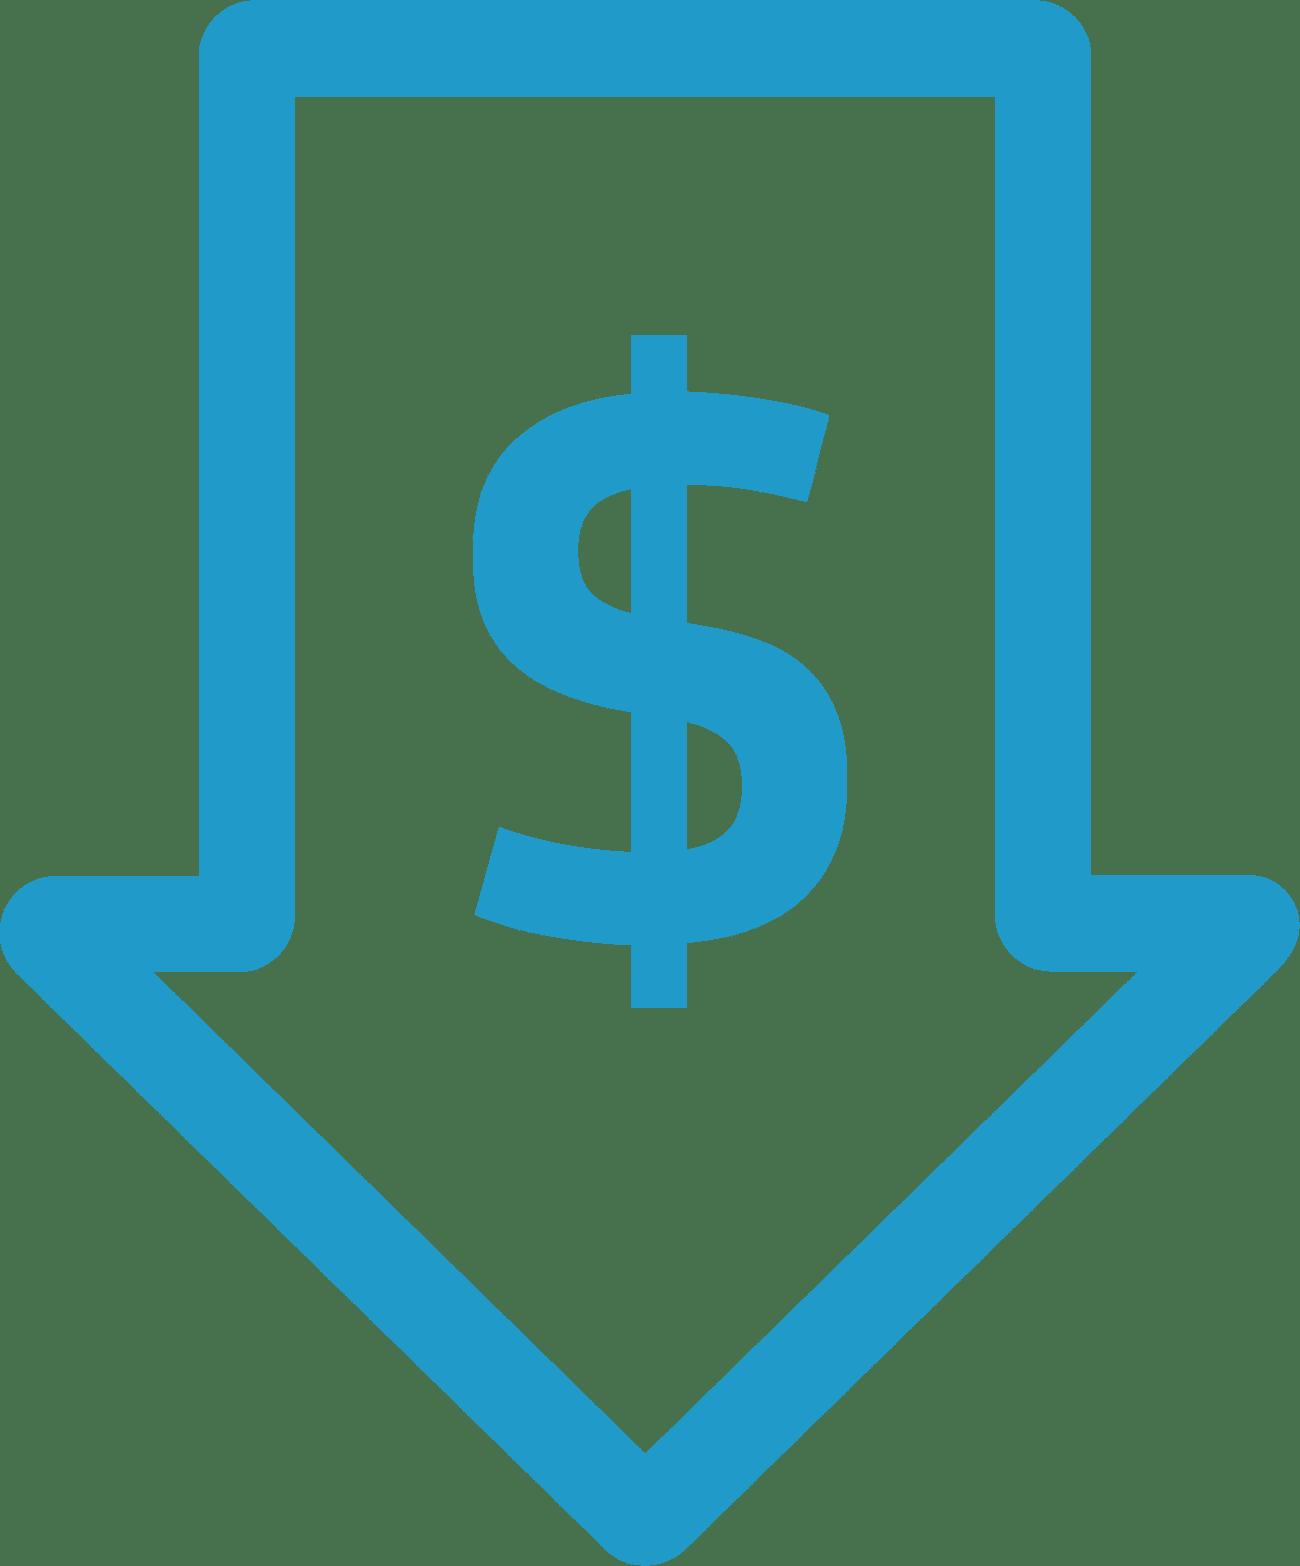 Icono precio accesible